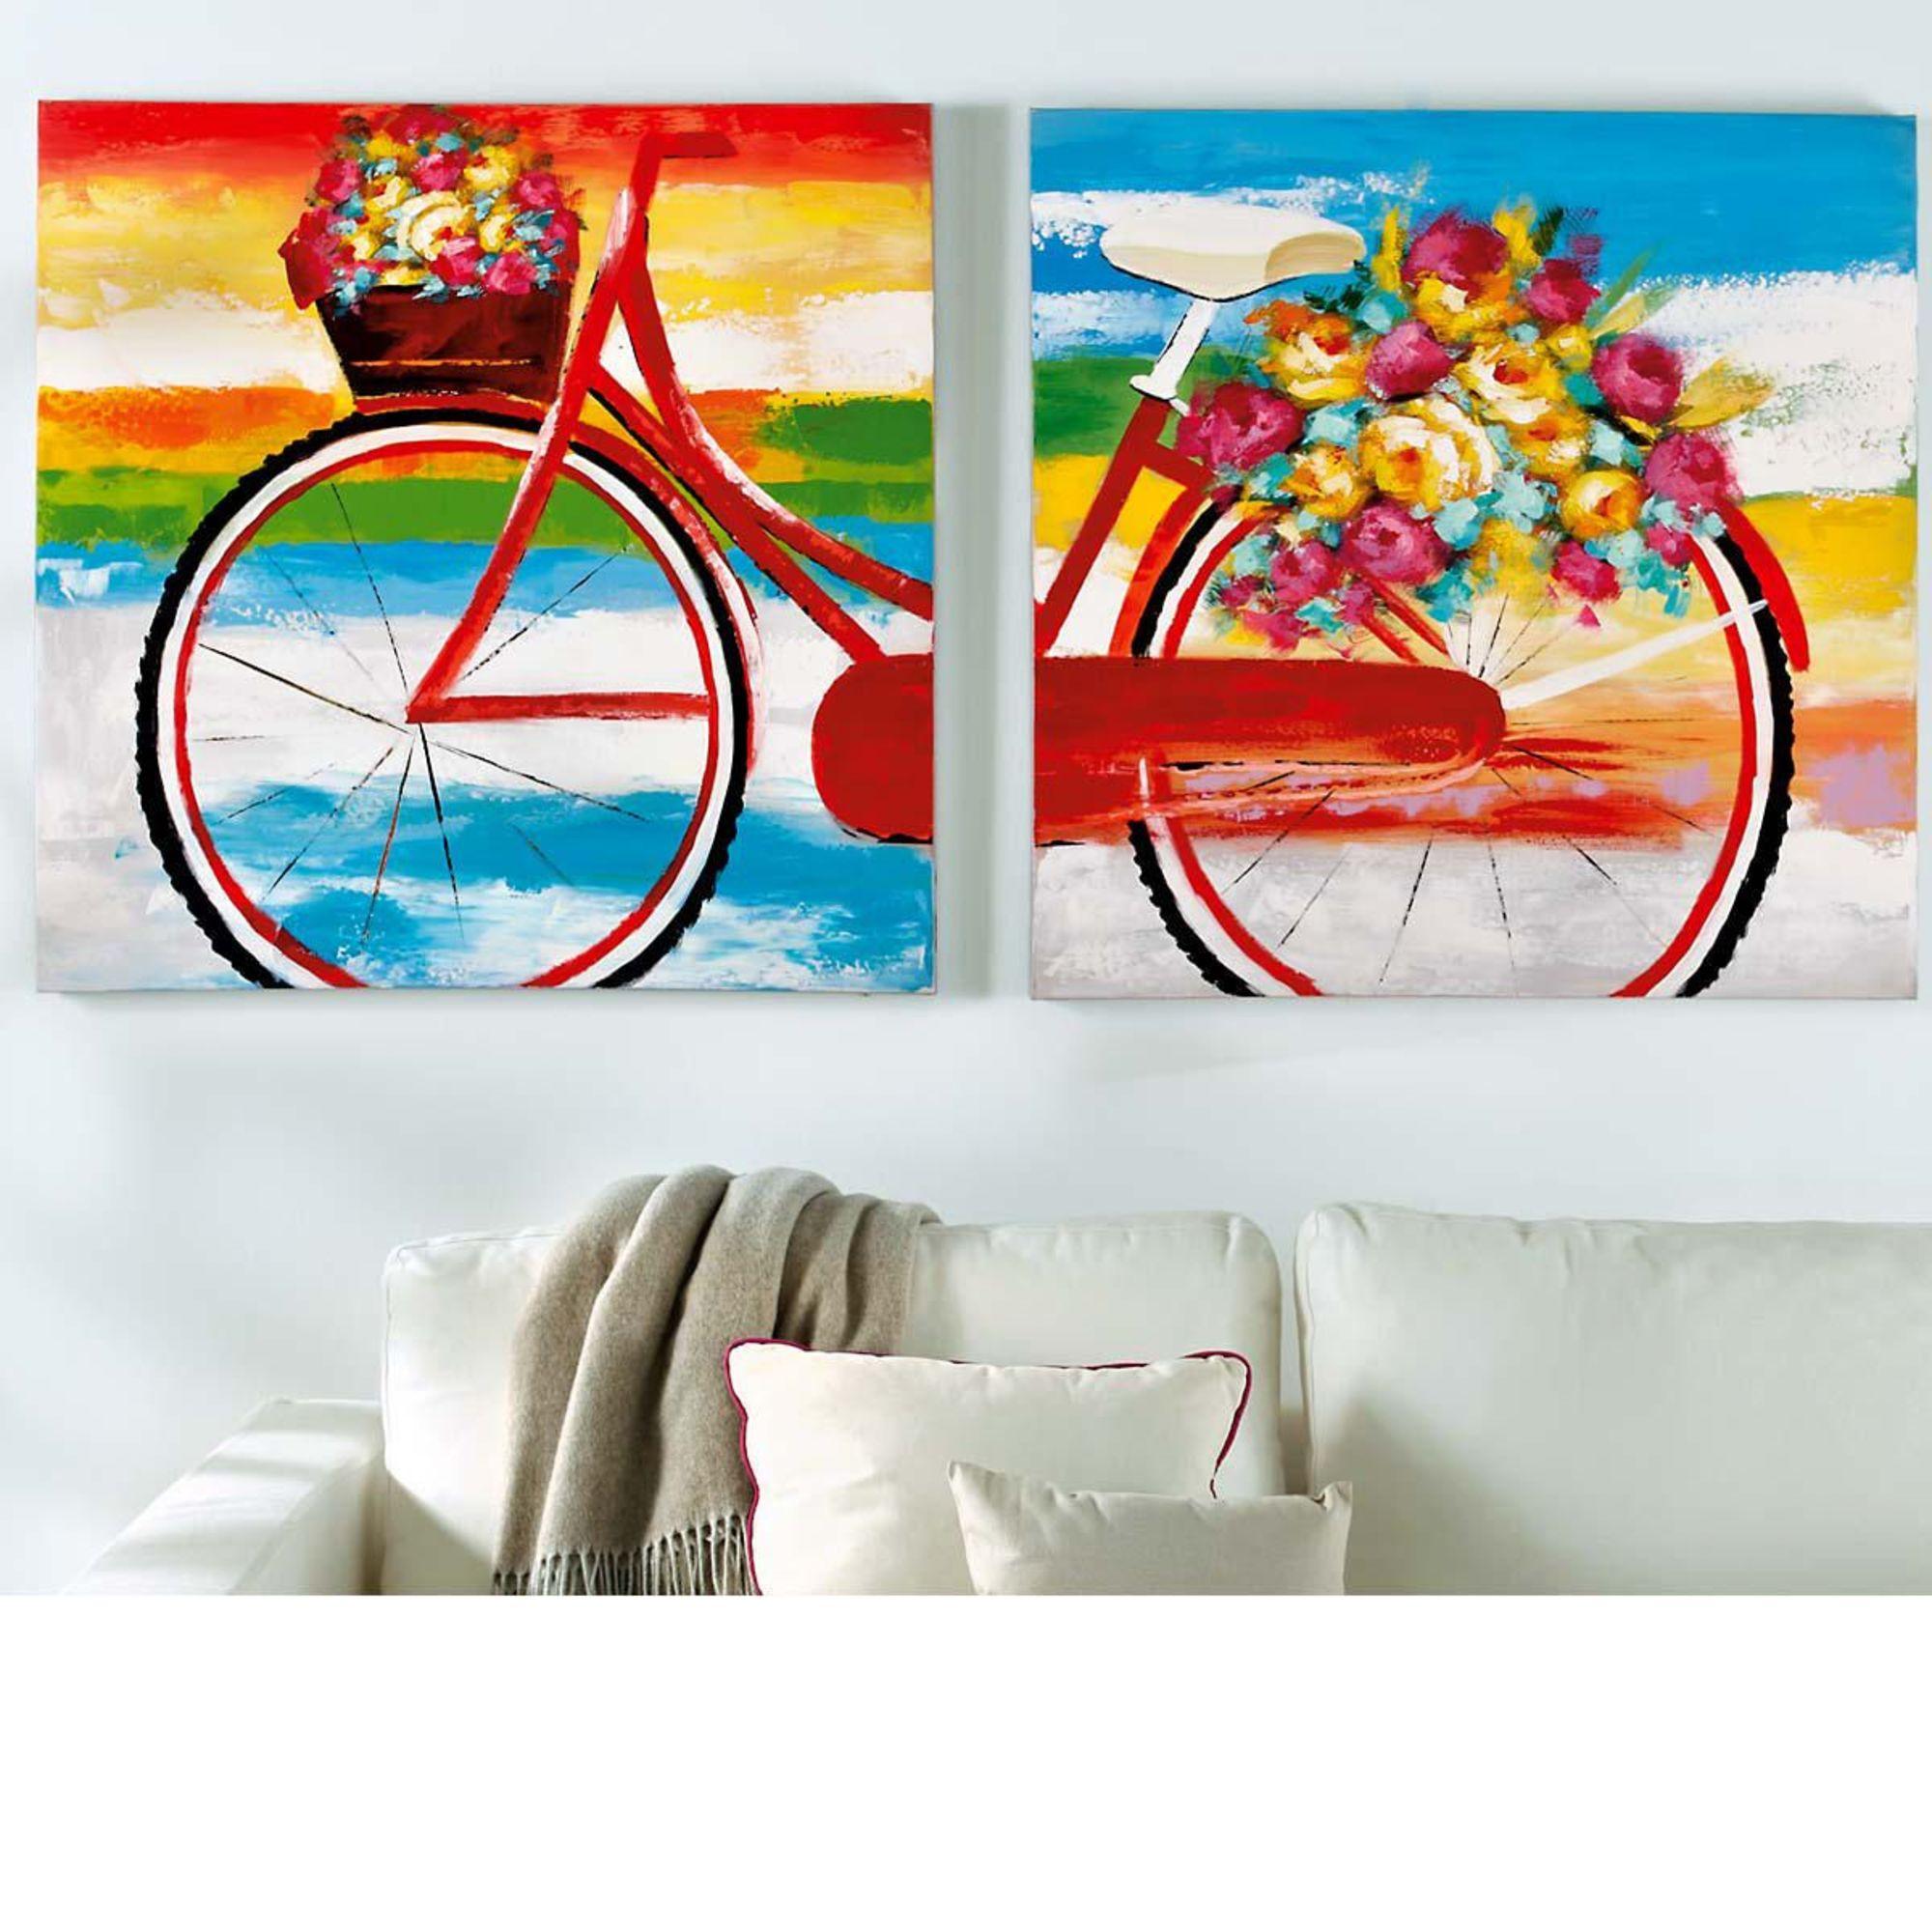 mehrteiliges buntes bild wandbild mit fahrrad aus. Black Bedroom Furniture Sets. Home Design Ideas